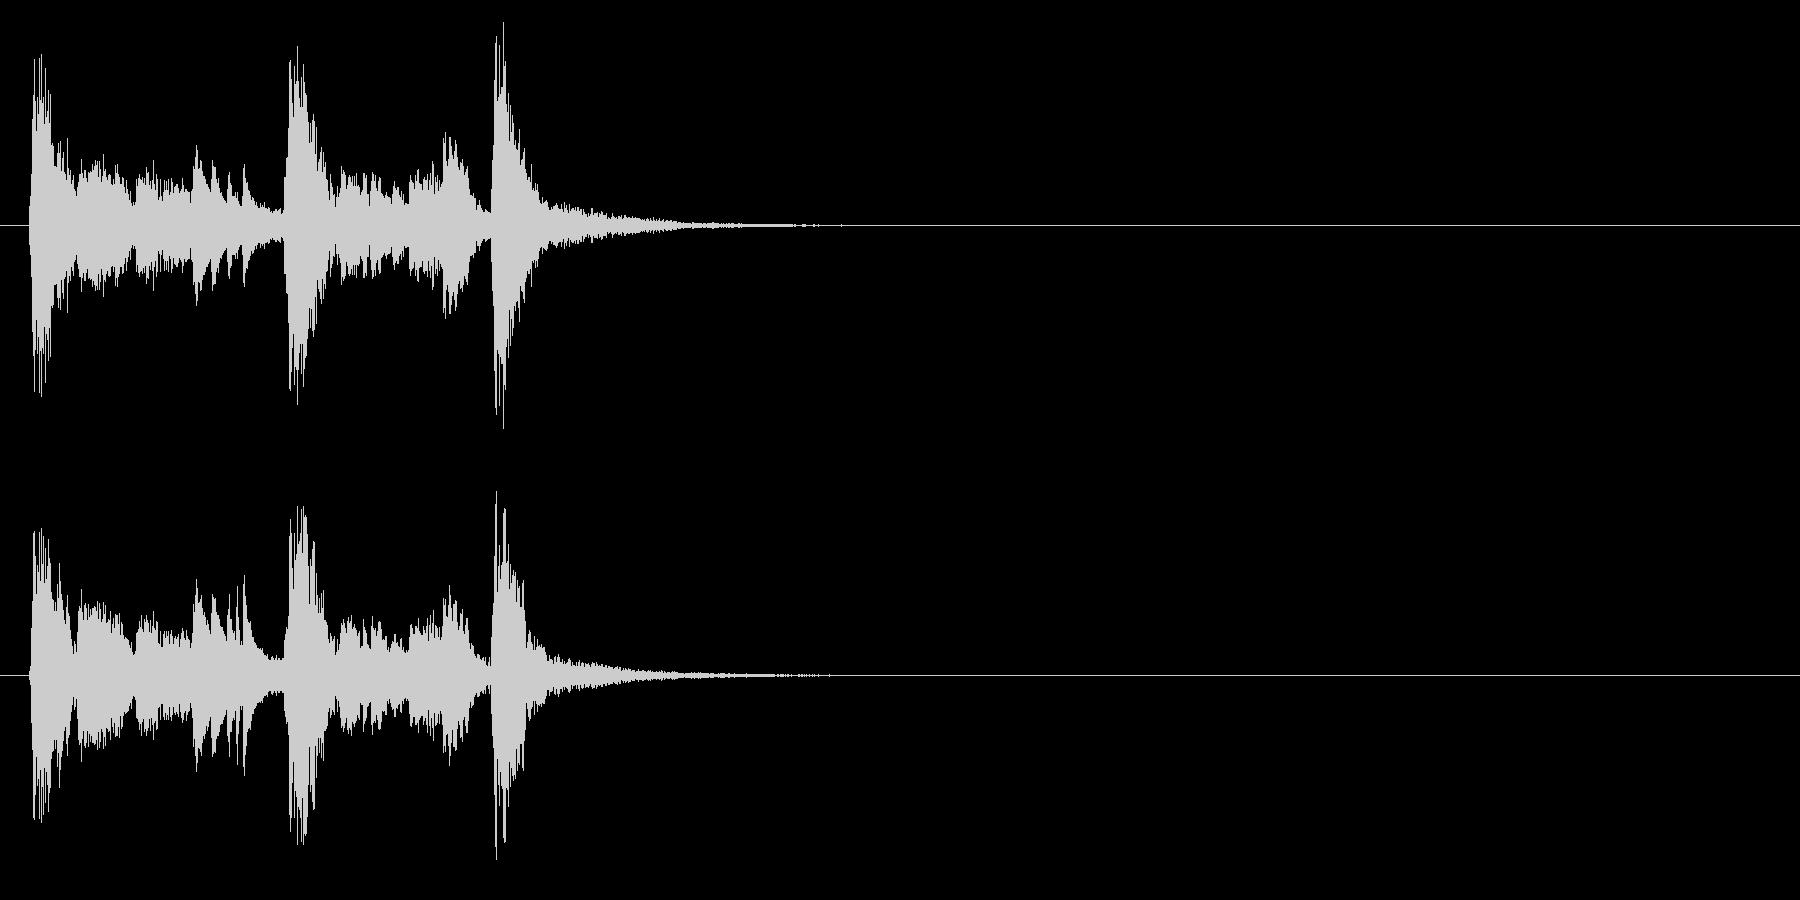 ジングル(コミカル・タッチ)の未再生の波形